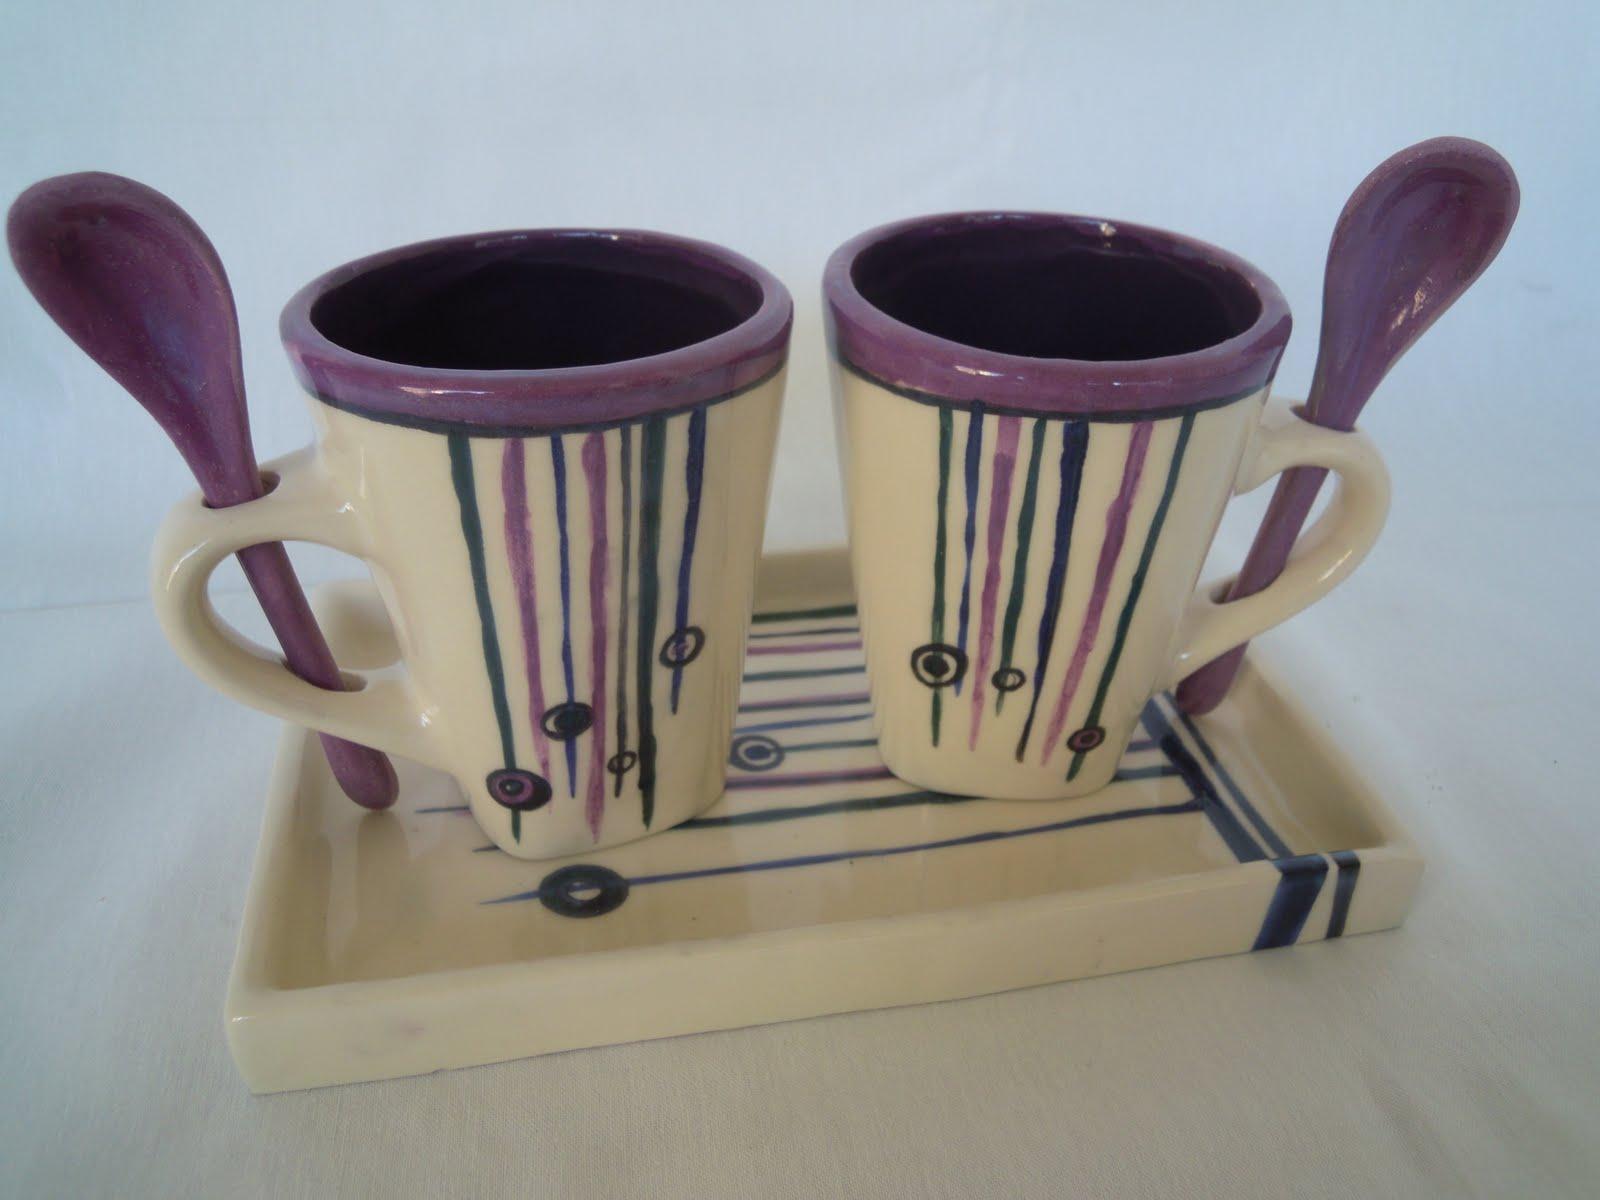 Hakuna matata ceramica artesanal for Que es ceramica